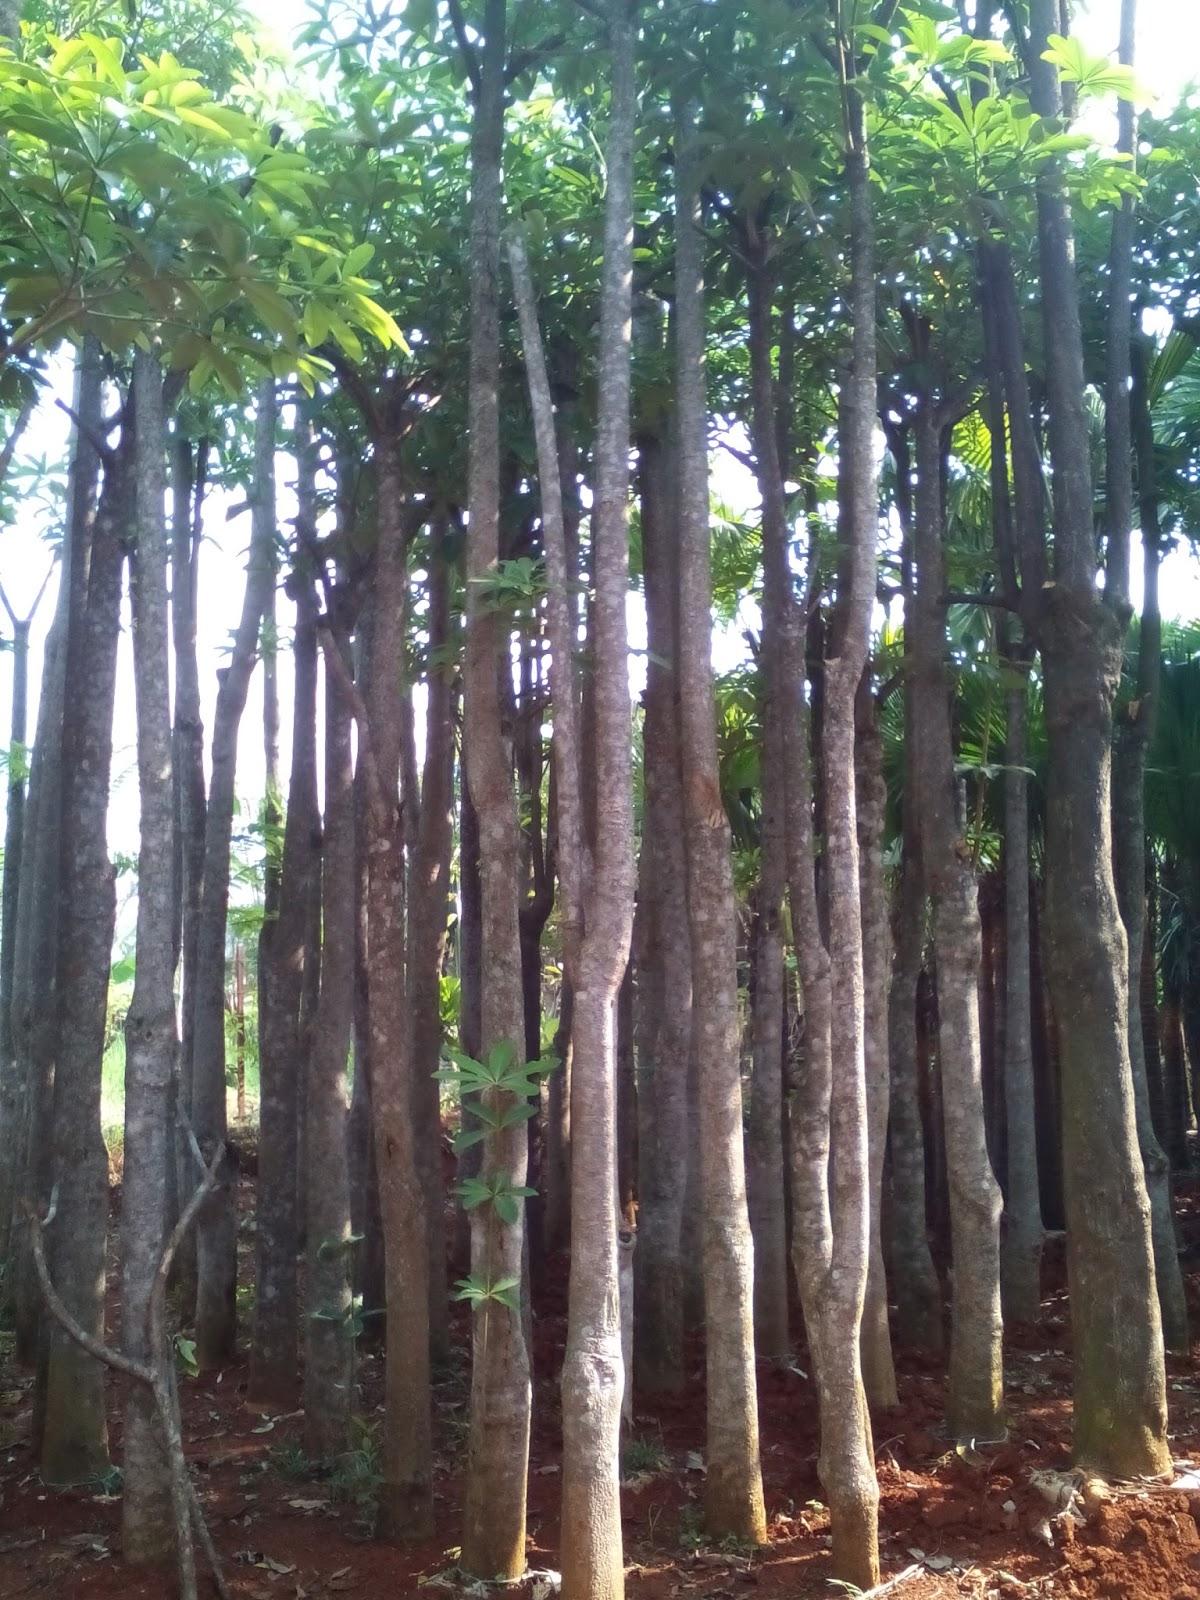 Jual Pohon Pule Batang besar murah pulai lame bergaransi